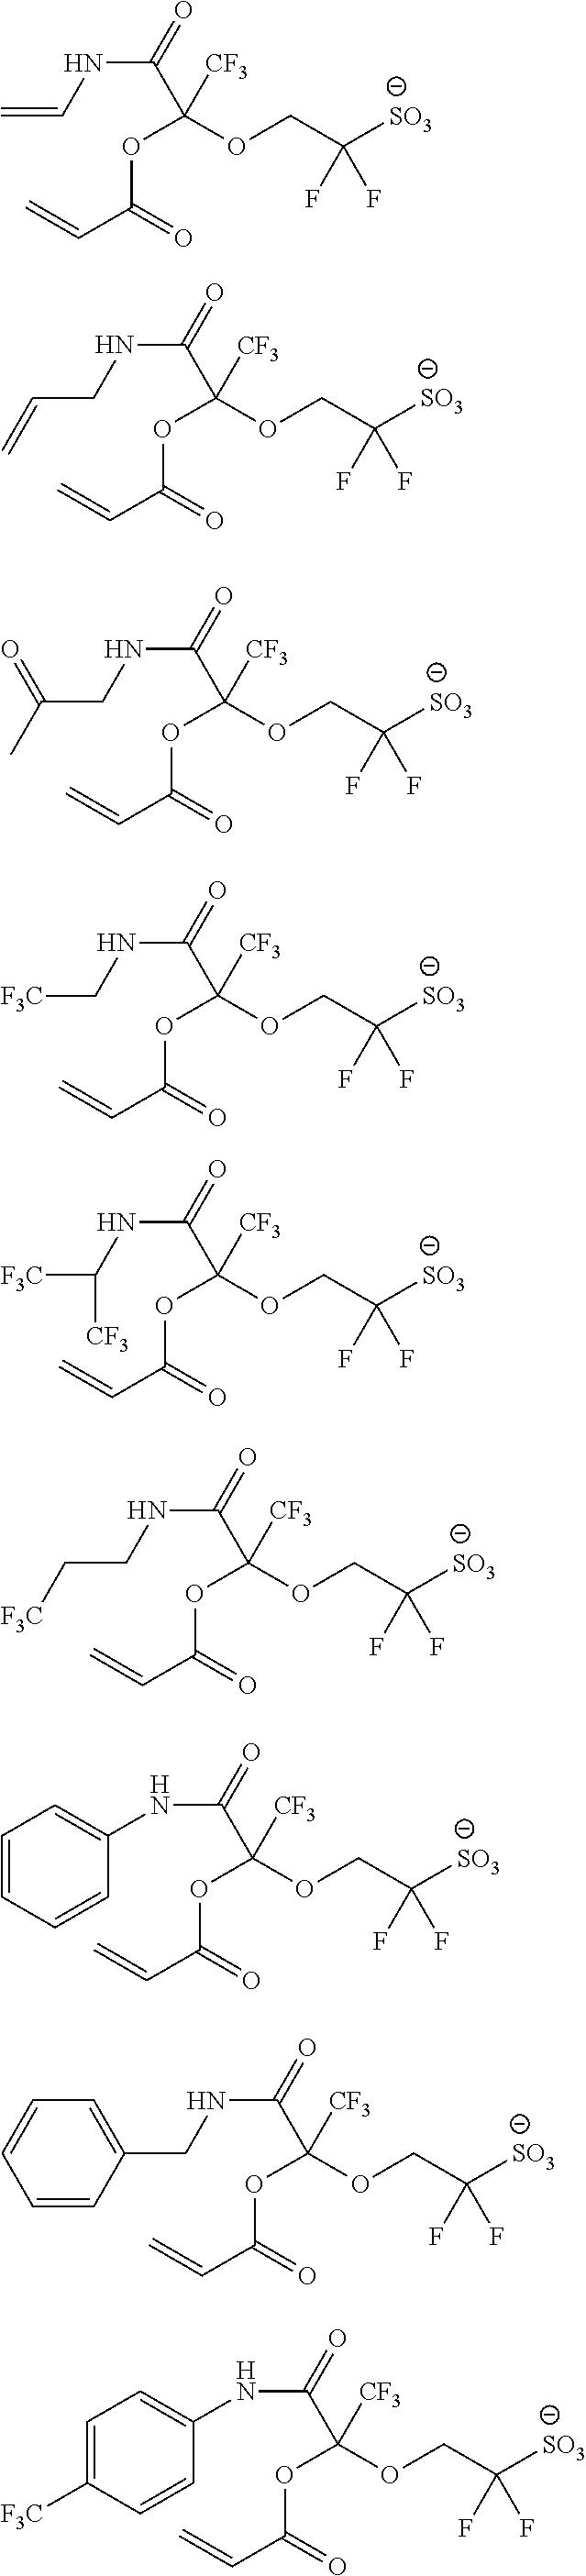 Figure US09182664-20151110-C00037